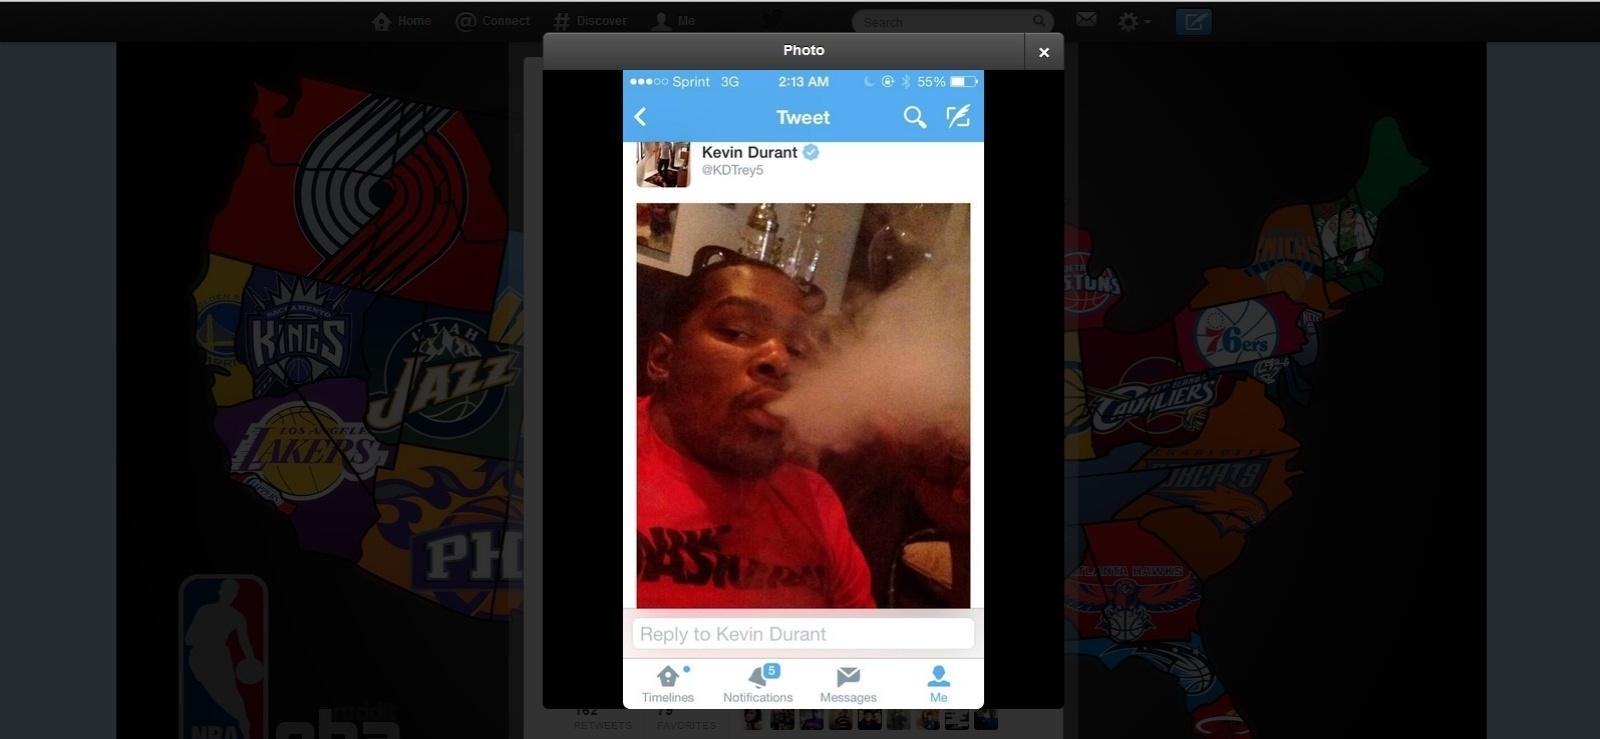 Kevin Durant diz que teve o celular hackeado após postar foto fumando